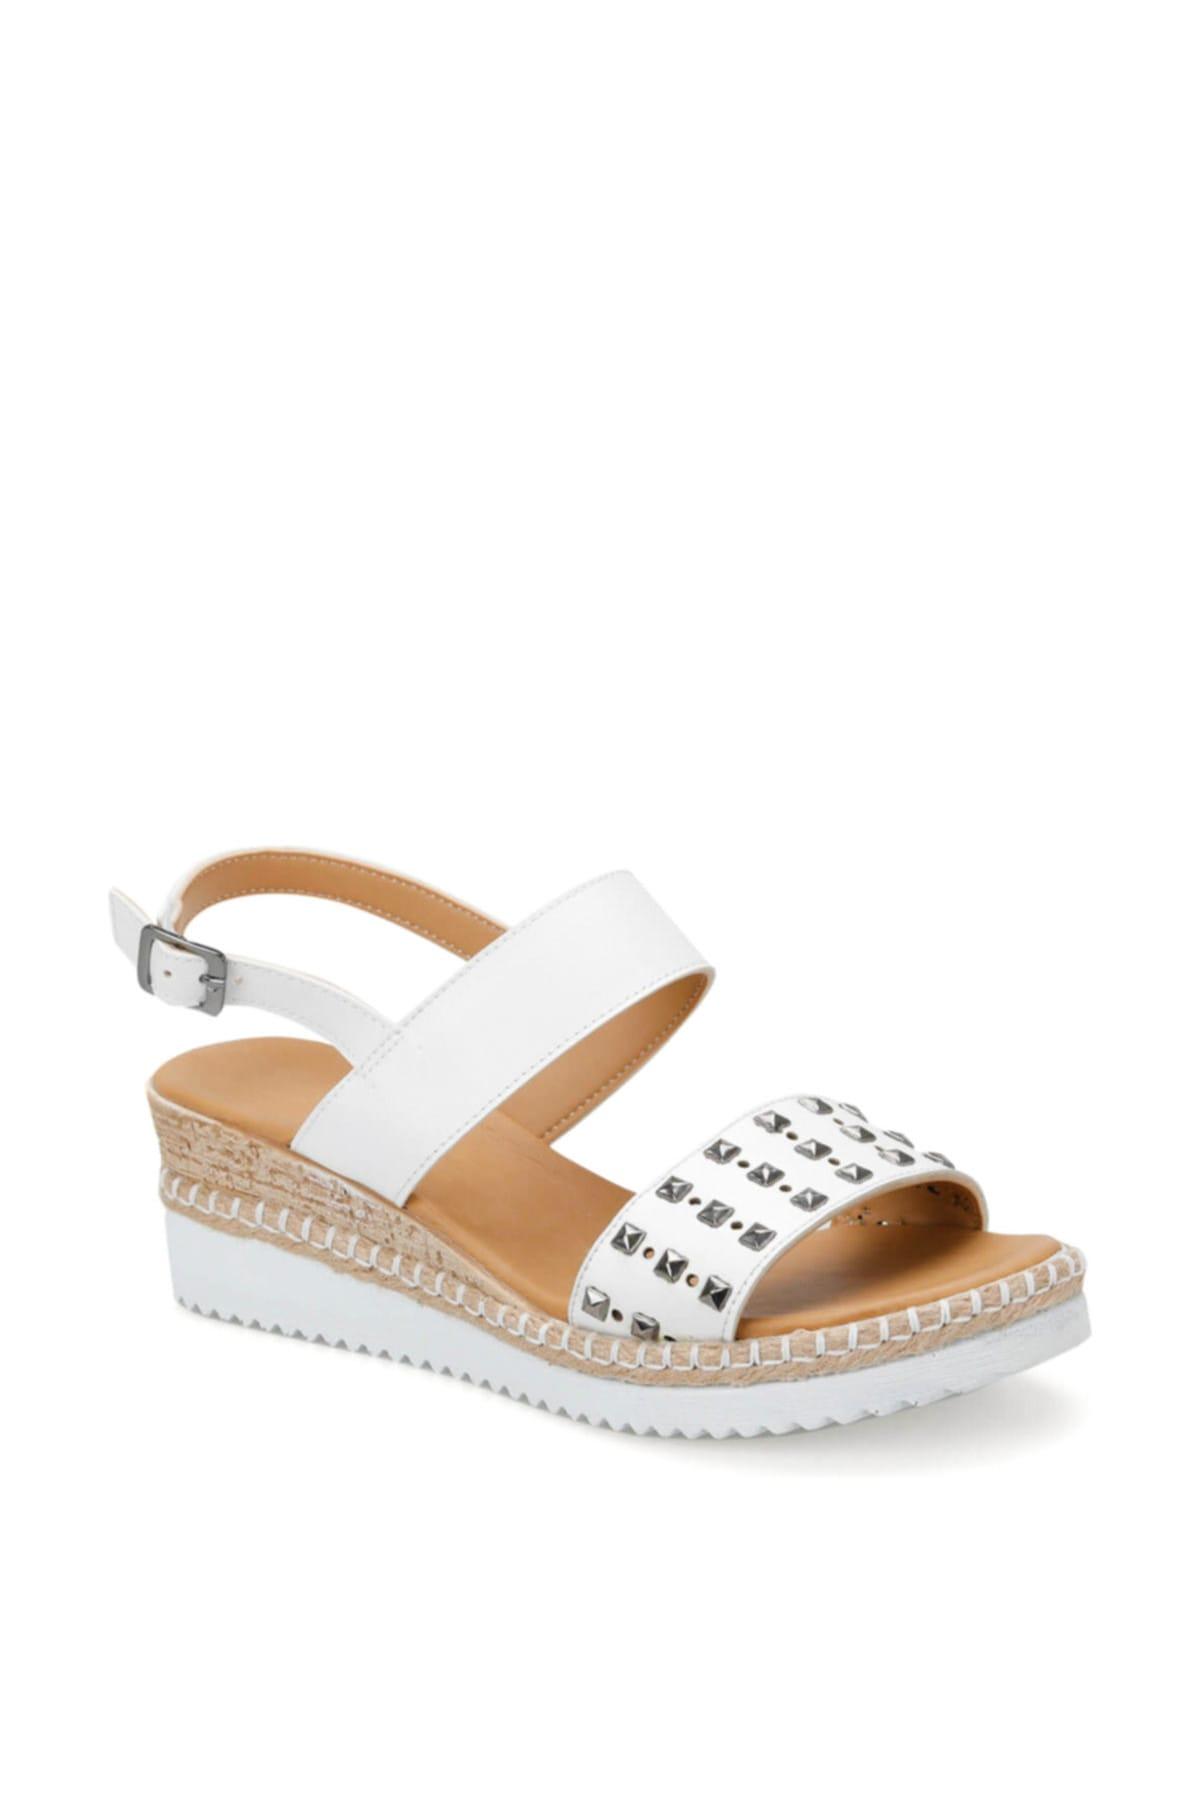 ART BELLA Cs19132 Beyaz Kadın Sandalet 100382775 1